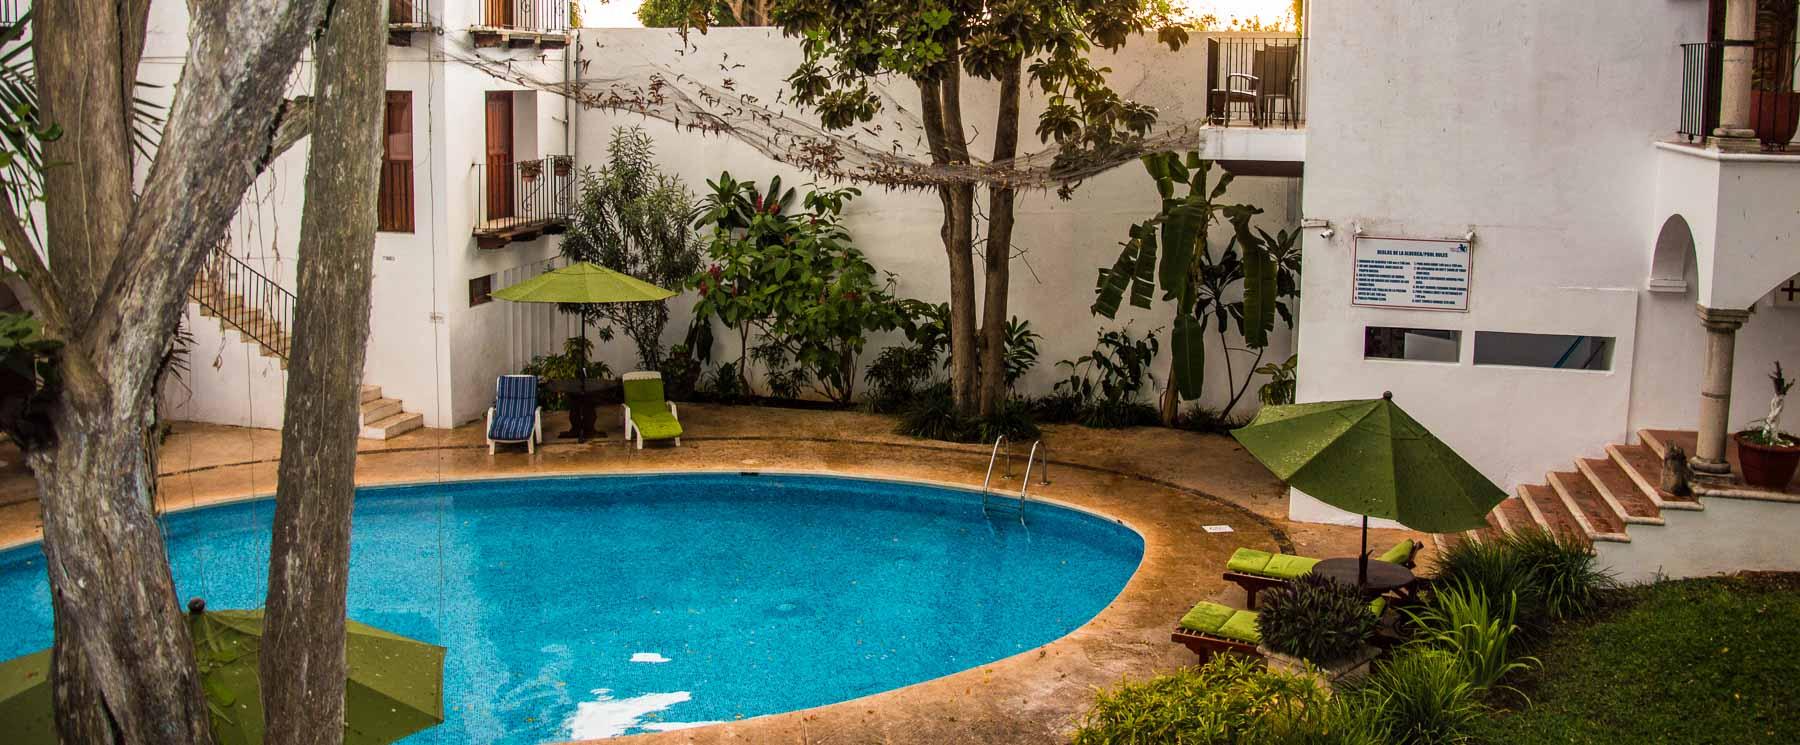 The pool at hotel El Mesón del Marqués in Valladolid.